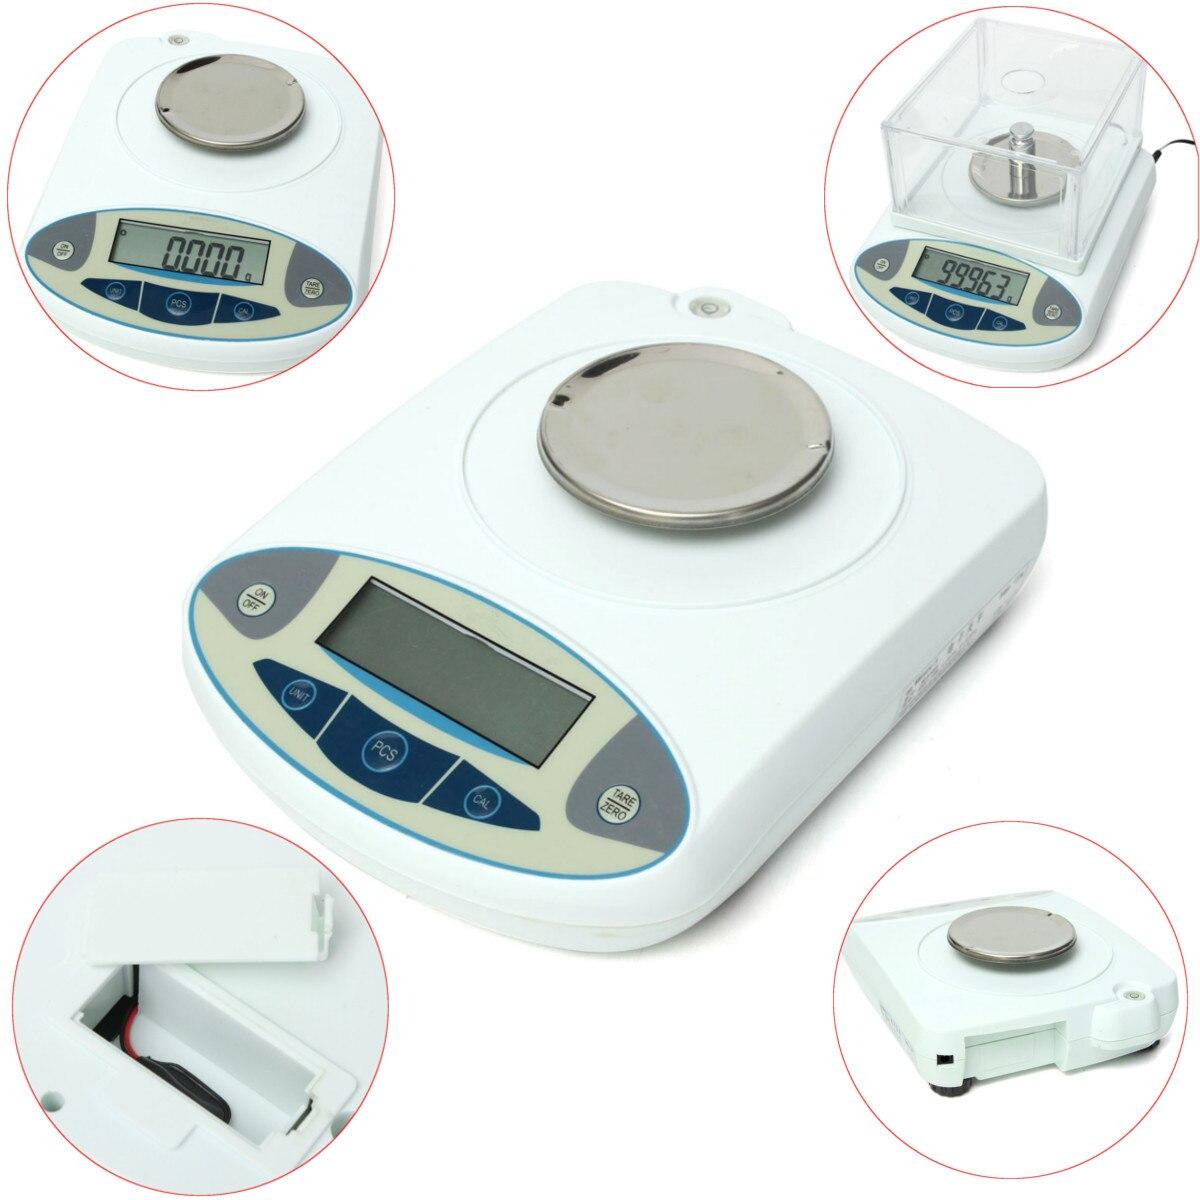 100x0.001g 1mg numérique LCD laboratoire laboratoire Balance analytique électronique bijoux Balance Mini Portable Balance de poids 100g - 3